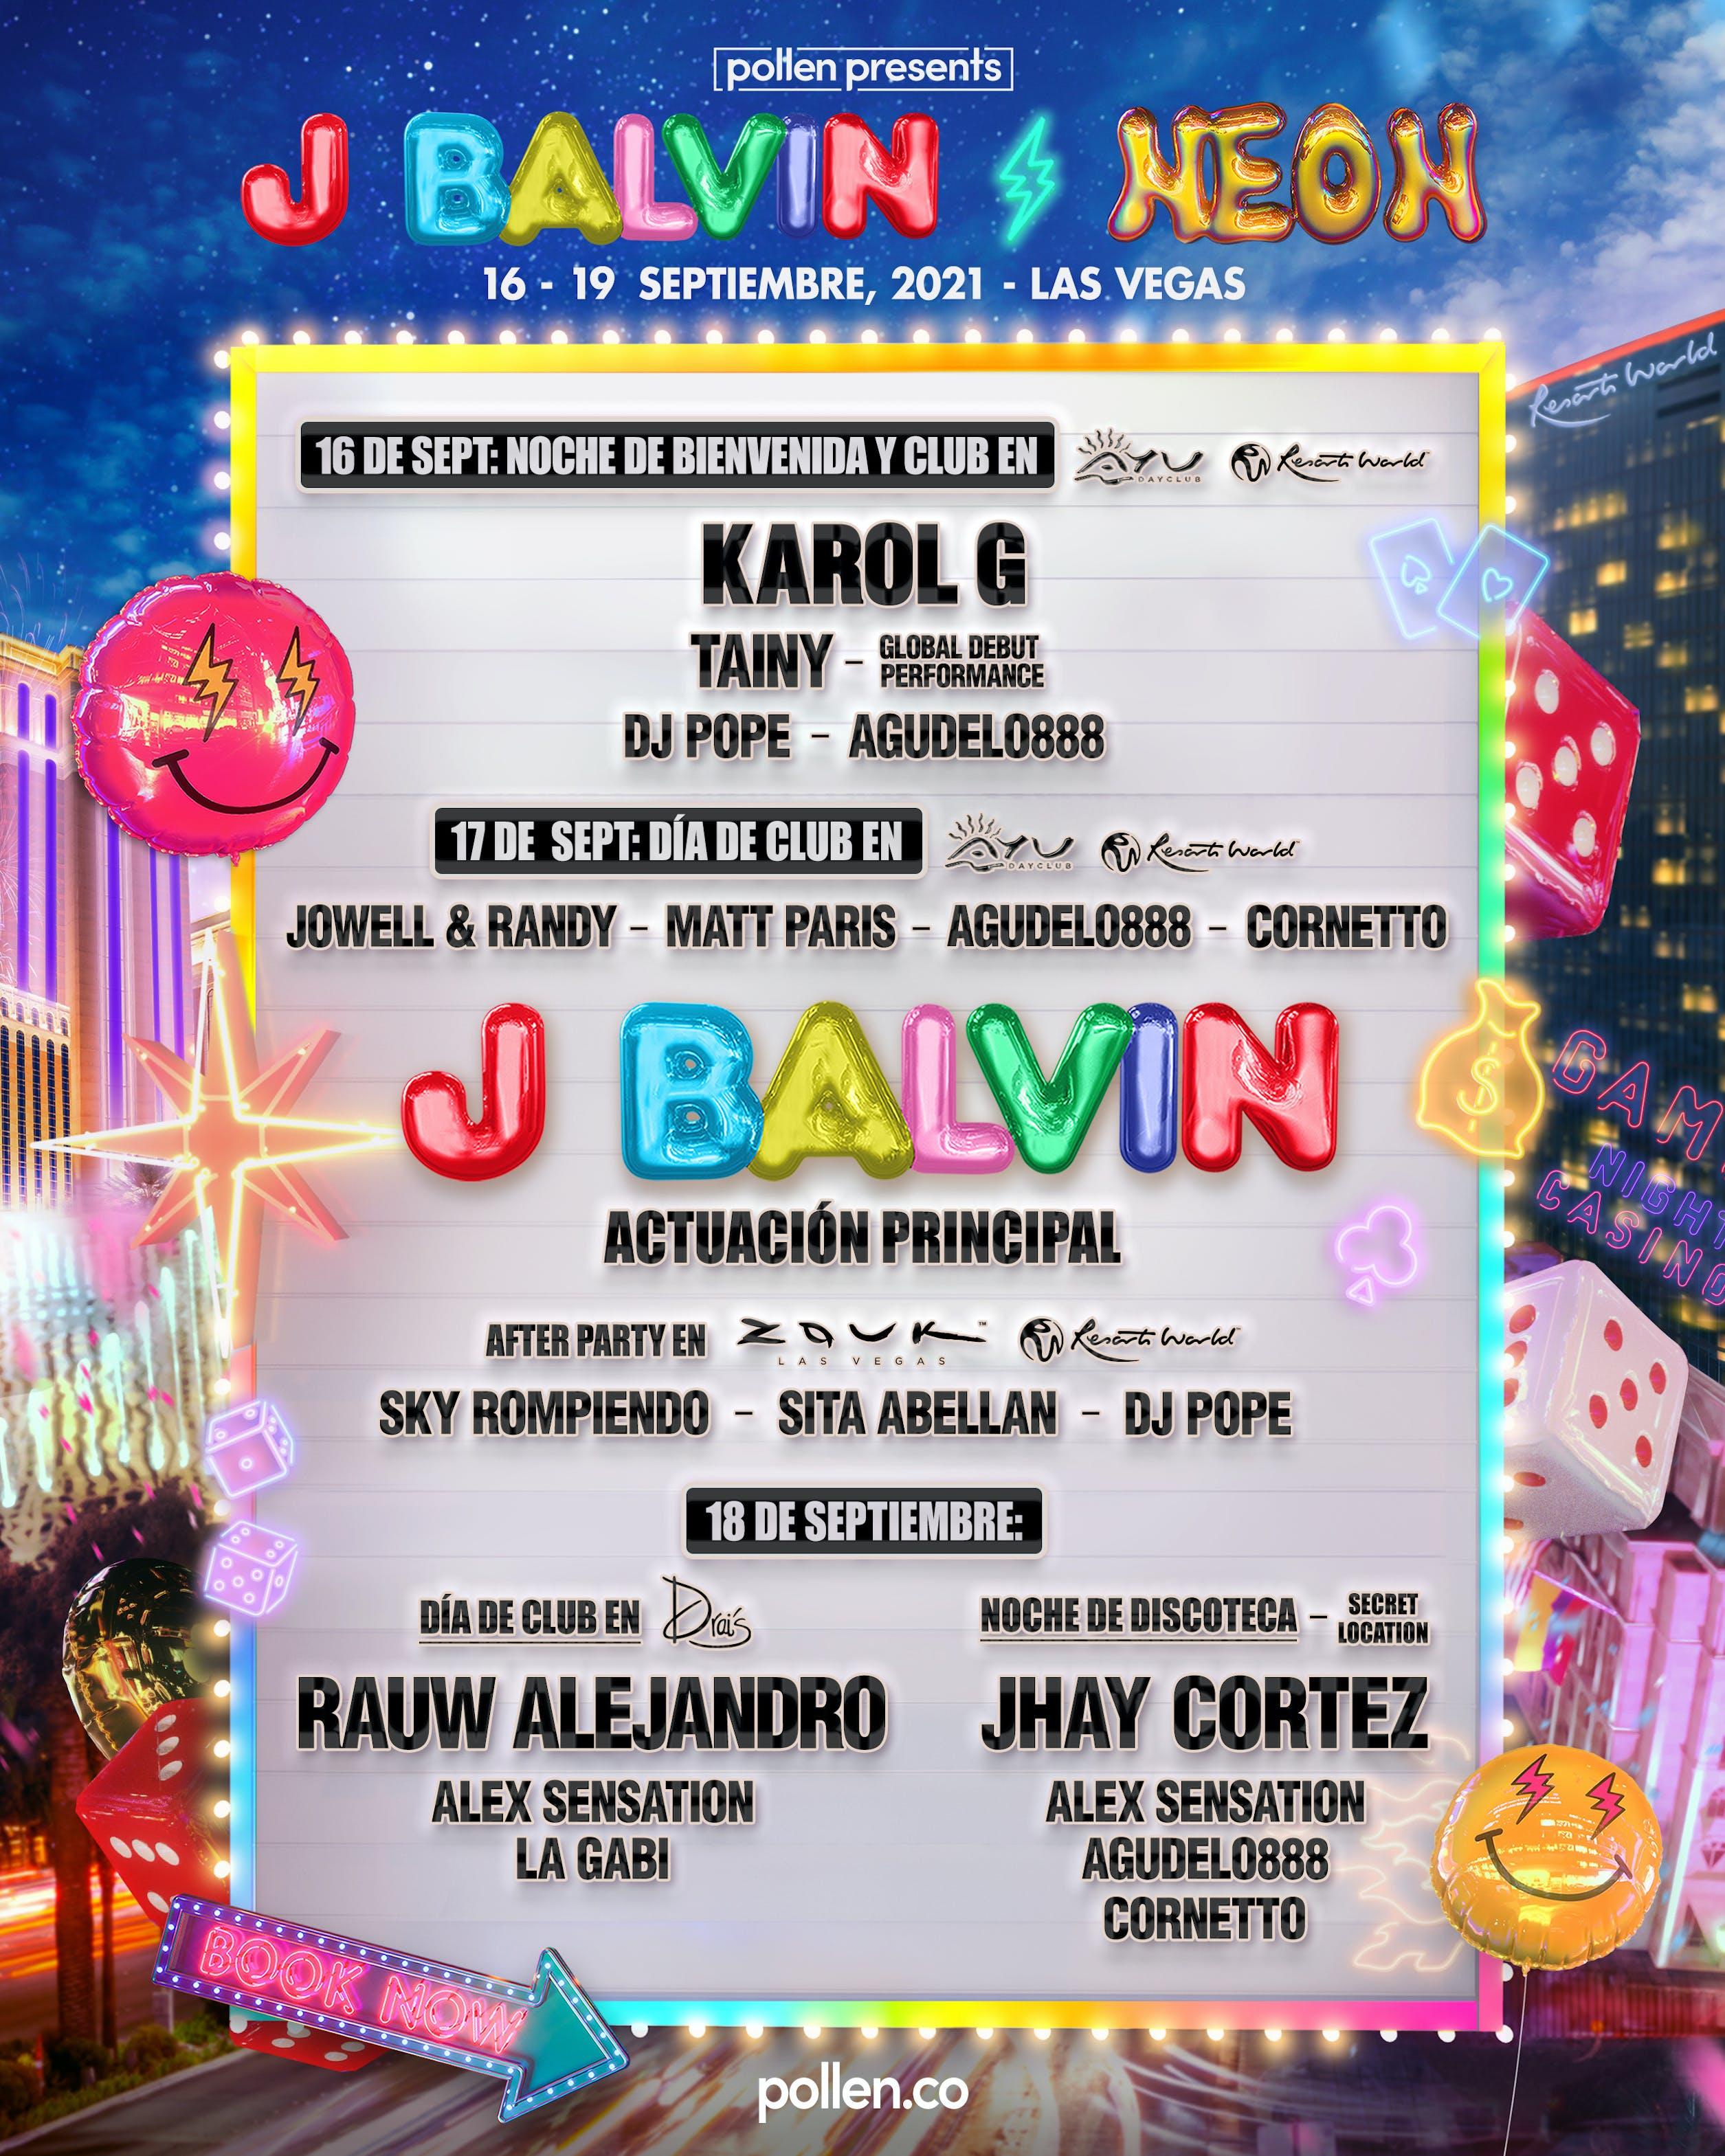 J Balvin: NEON Las Vegas 2021